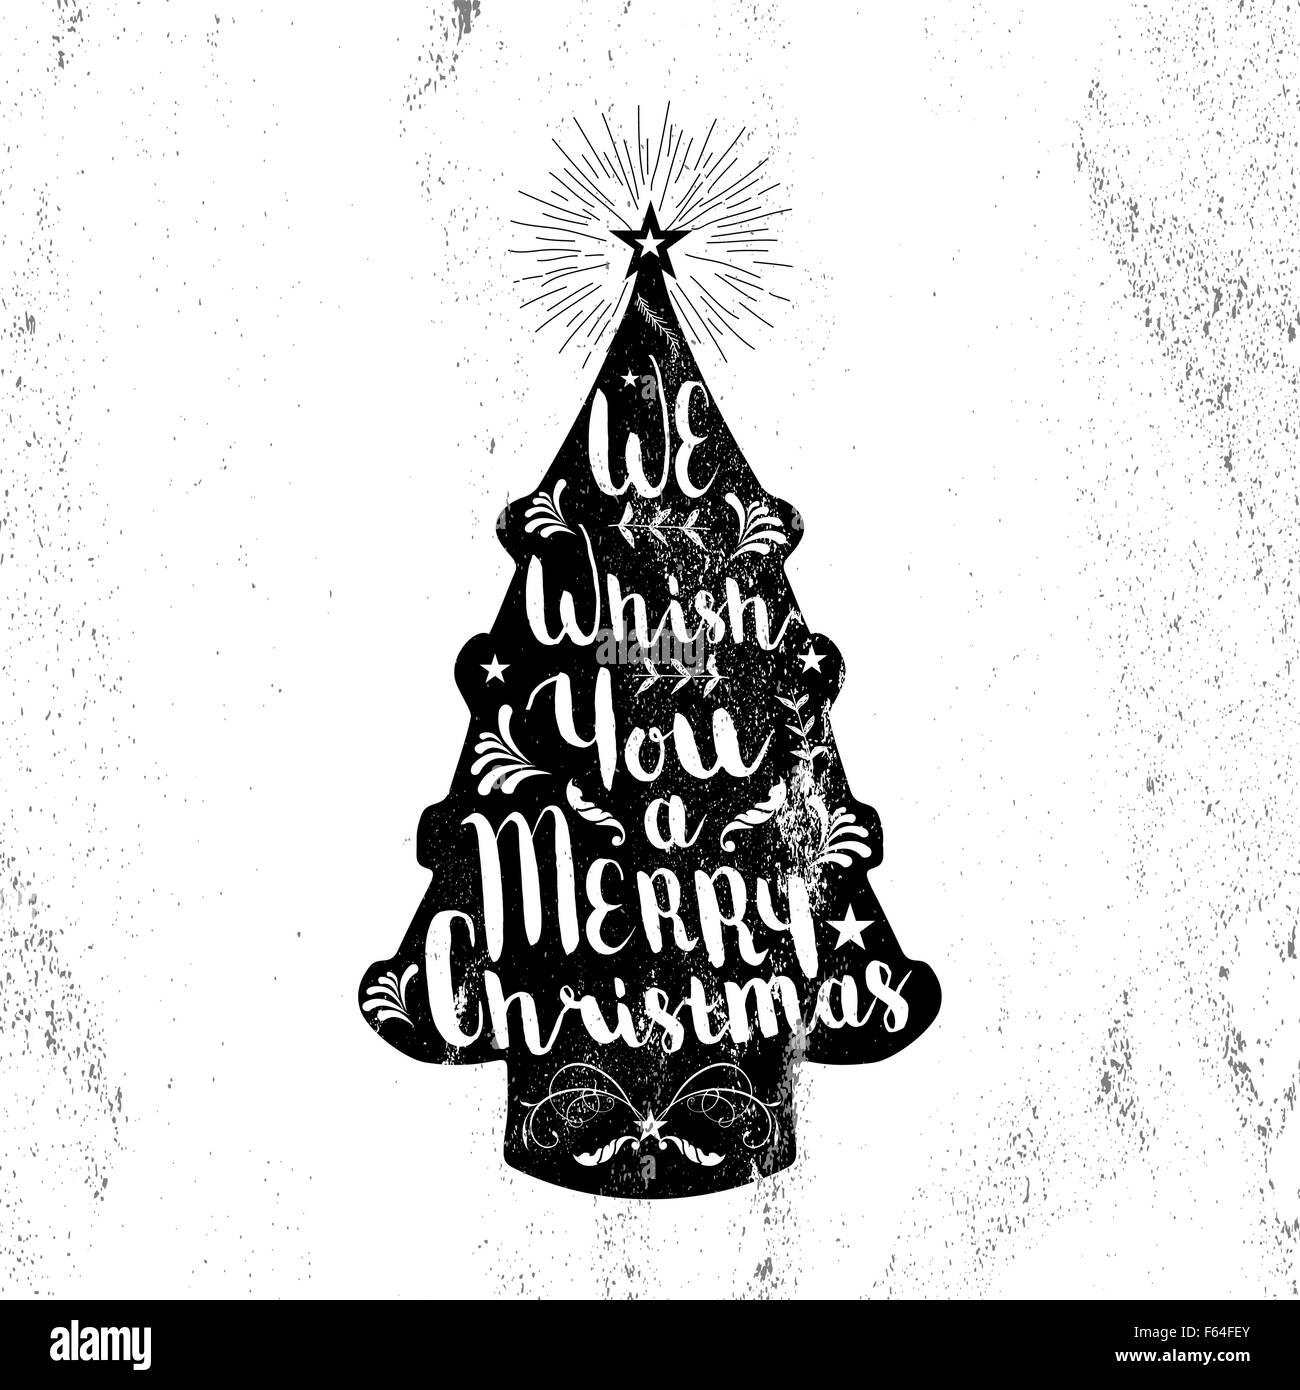 frohe weihnachten schwarz wei hipster kiefer baumform auf. Black Bedroom Furniture Sets. Home Design Ideas